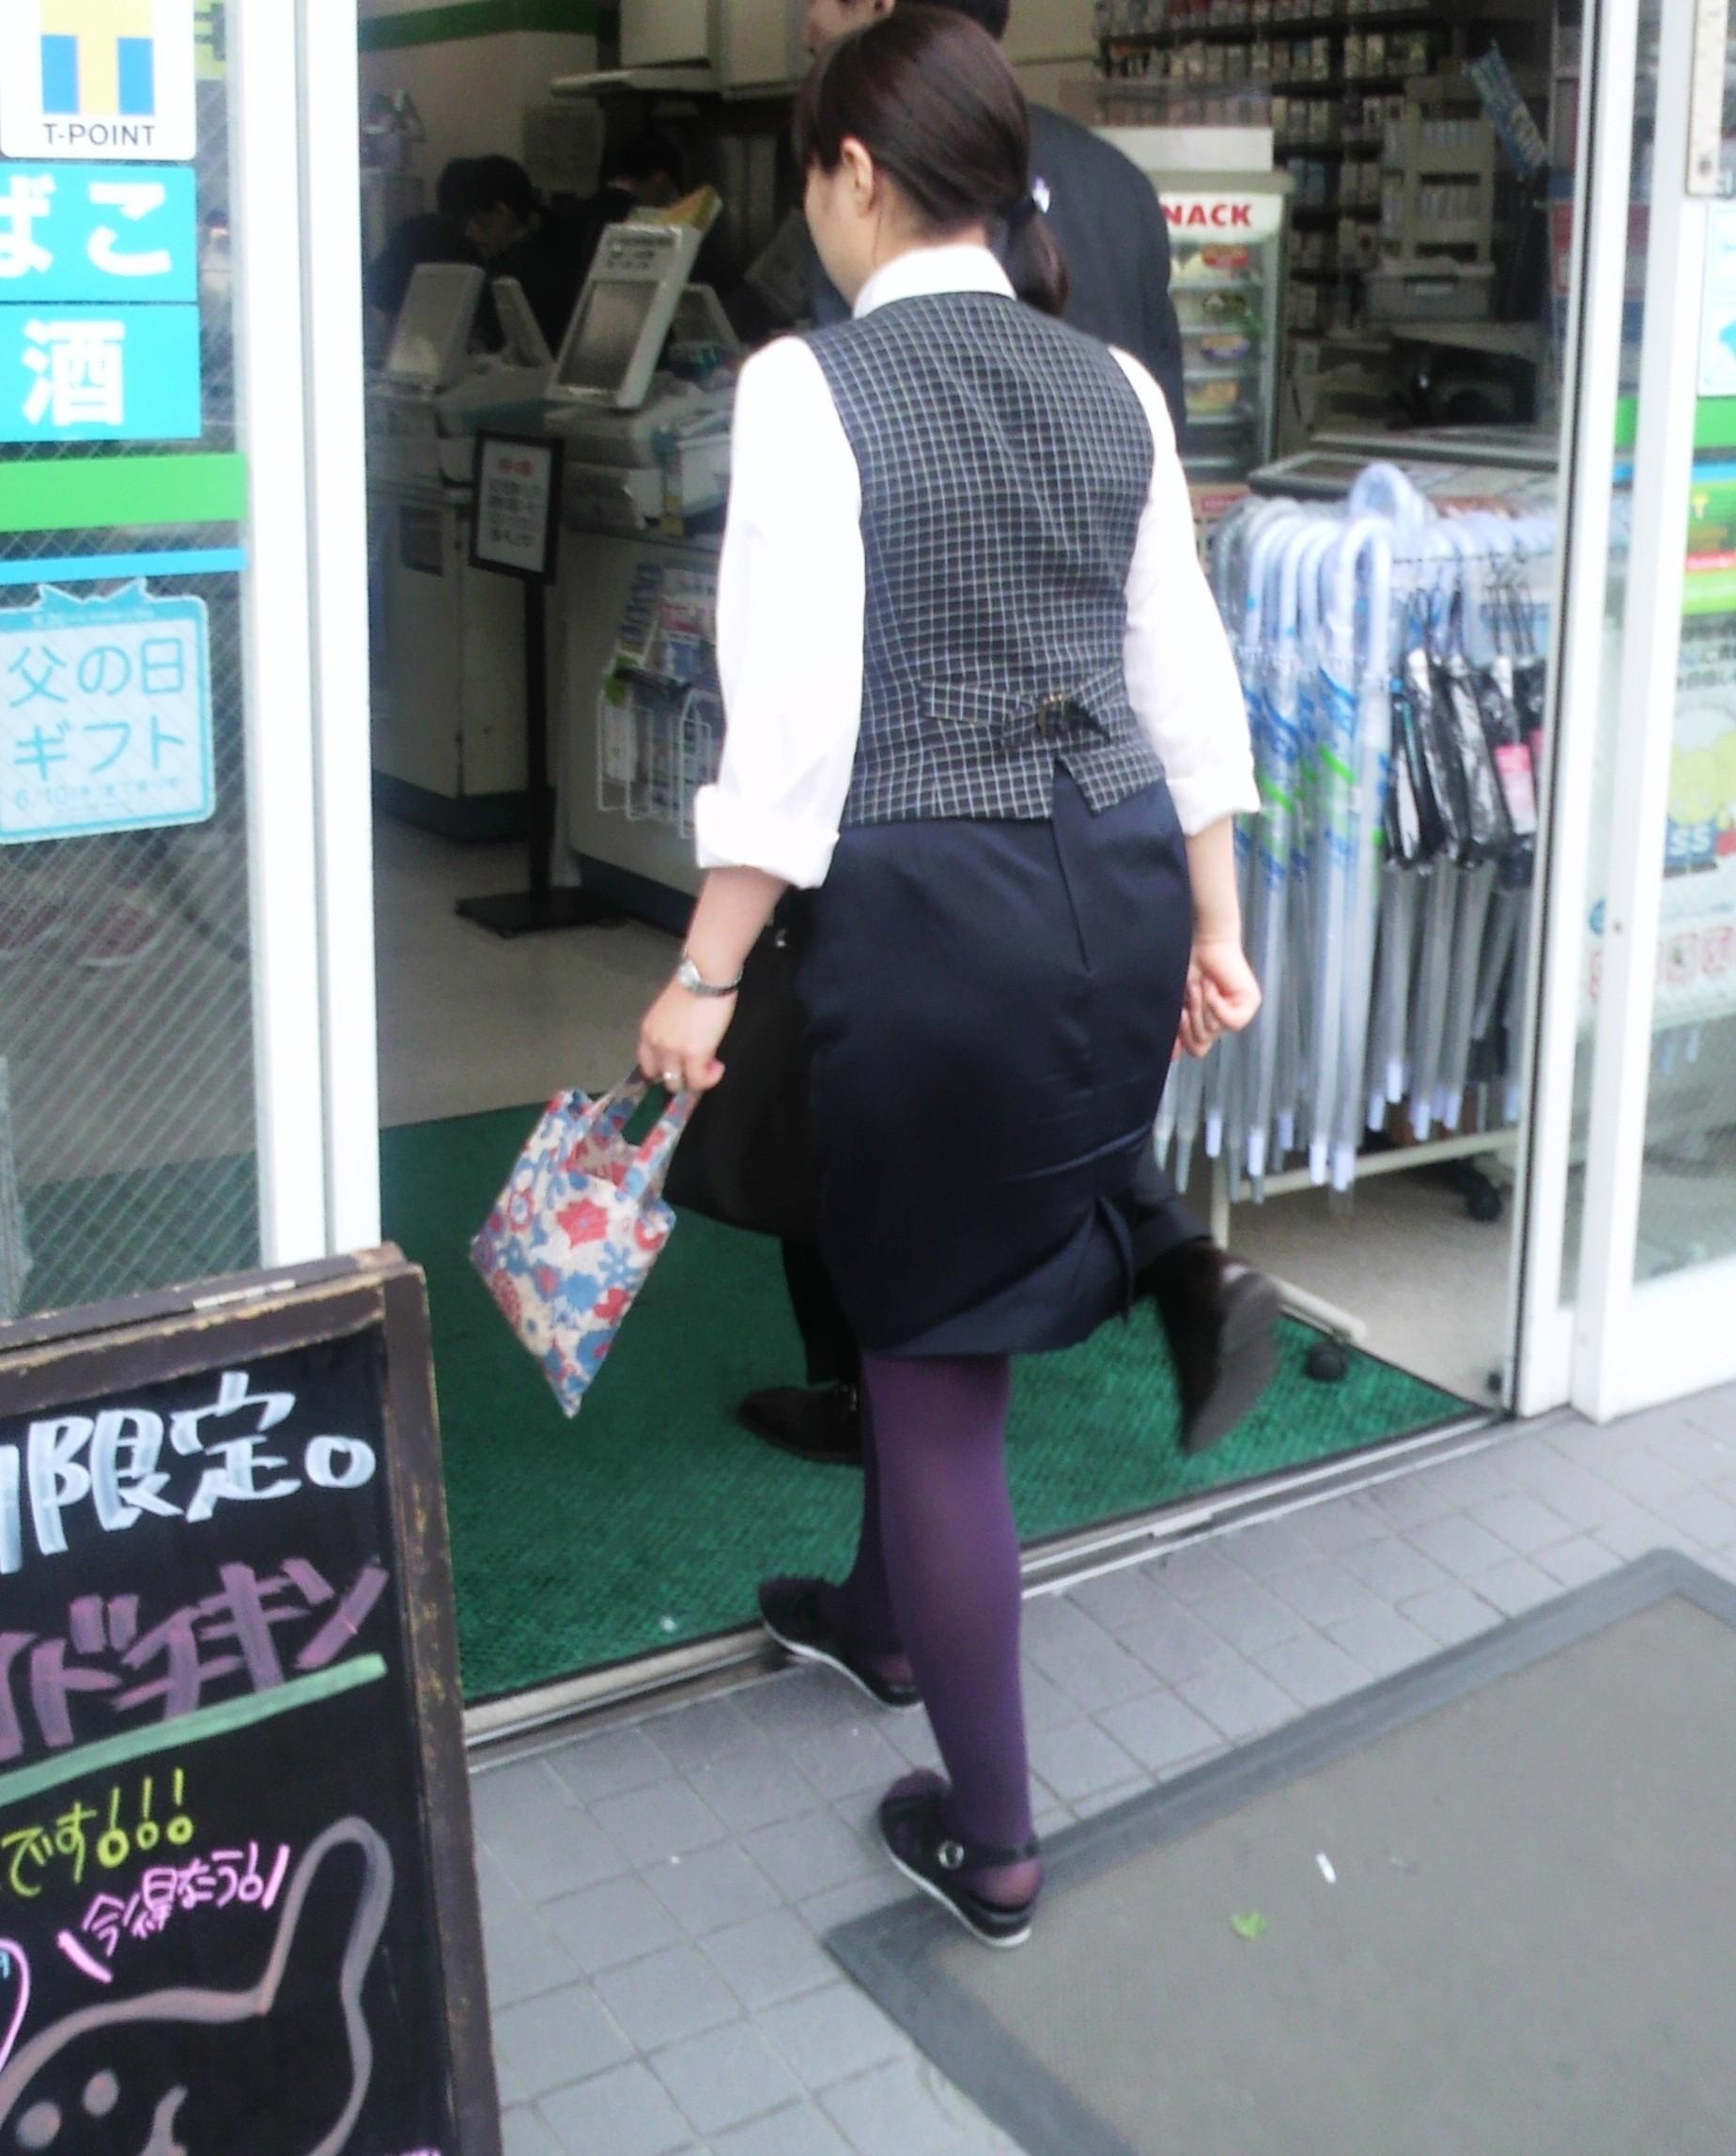 【OLエロ画像】触れたらきっと柔らかw街で見かけるOLさんの丸くて大きいタイト尻www 13